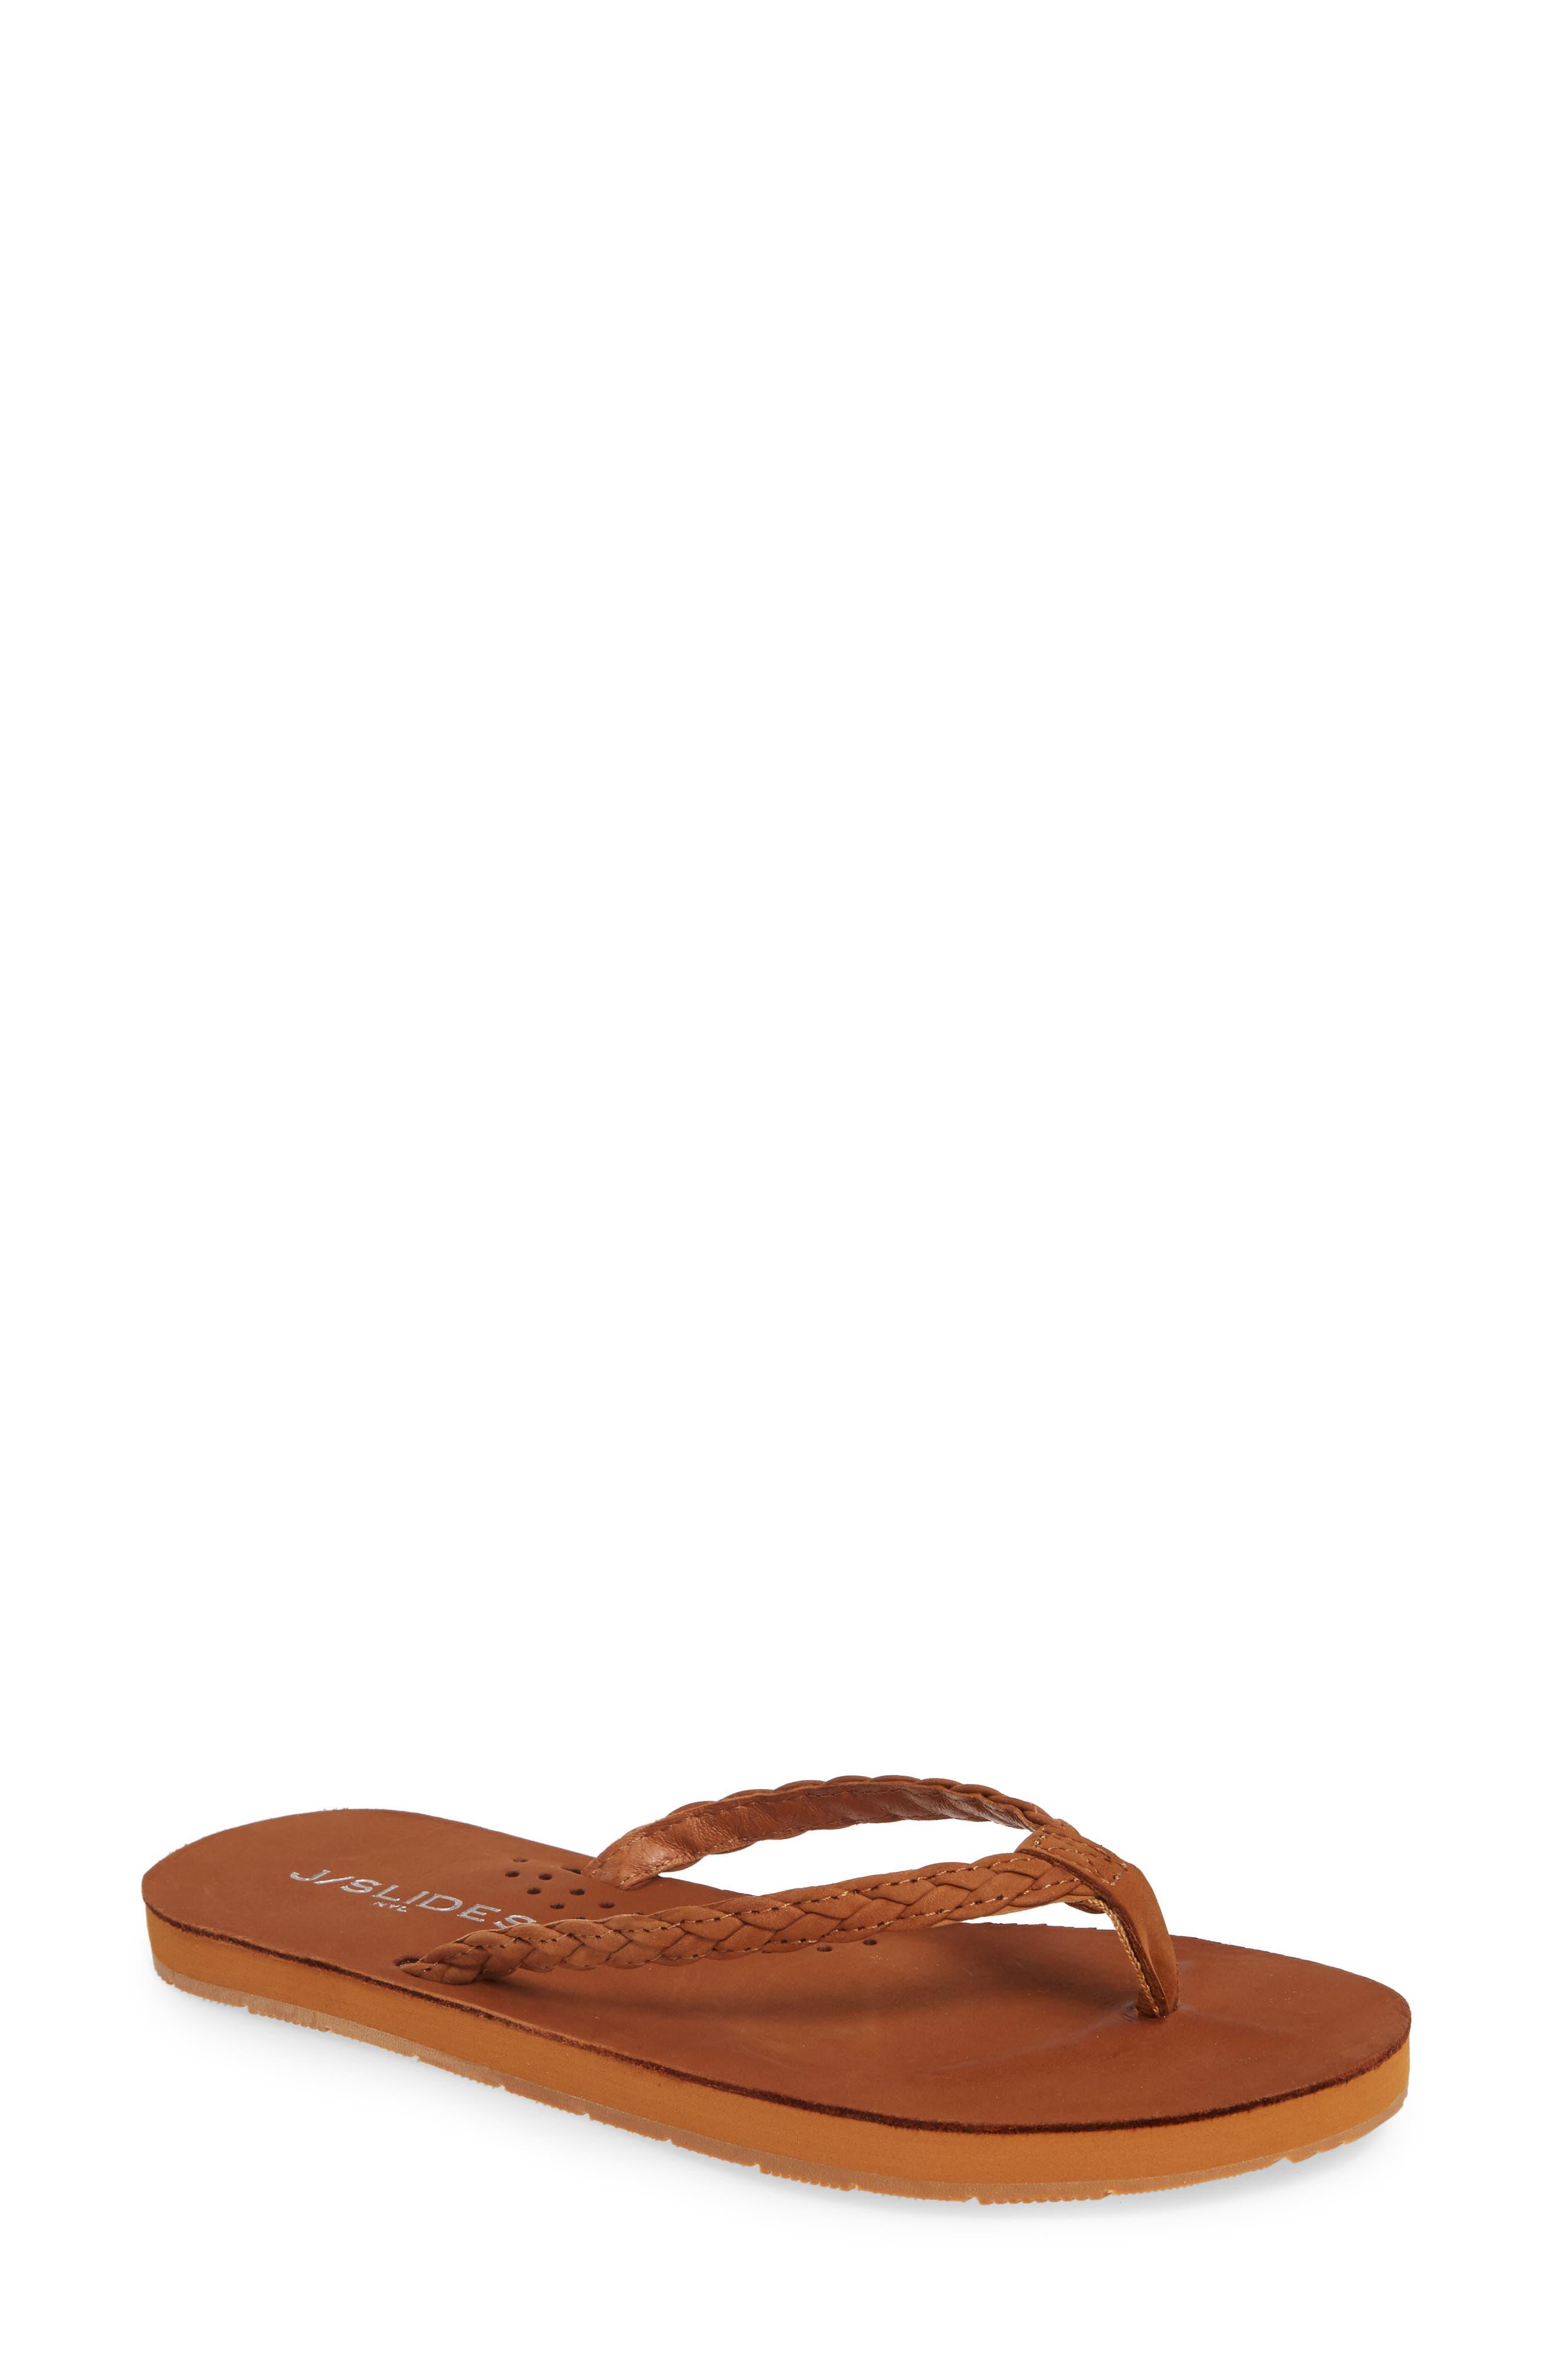 Jslides Nadia Braided Flip Flop, Brown